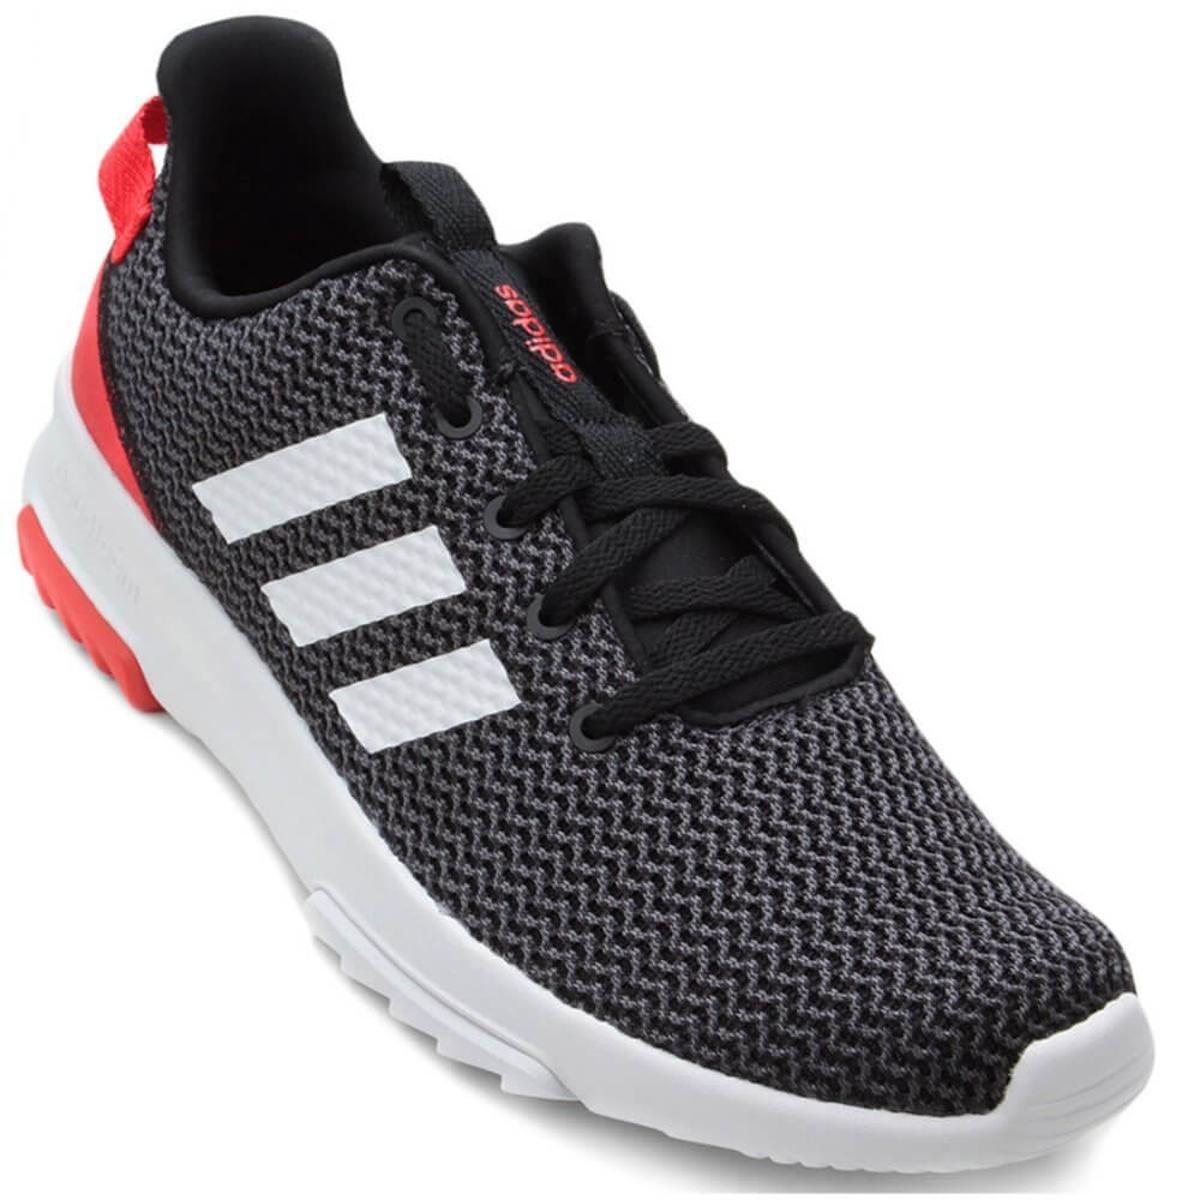 Tênis Adidas Cf Racer Tr Masculino - Preto e Vermelho